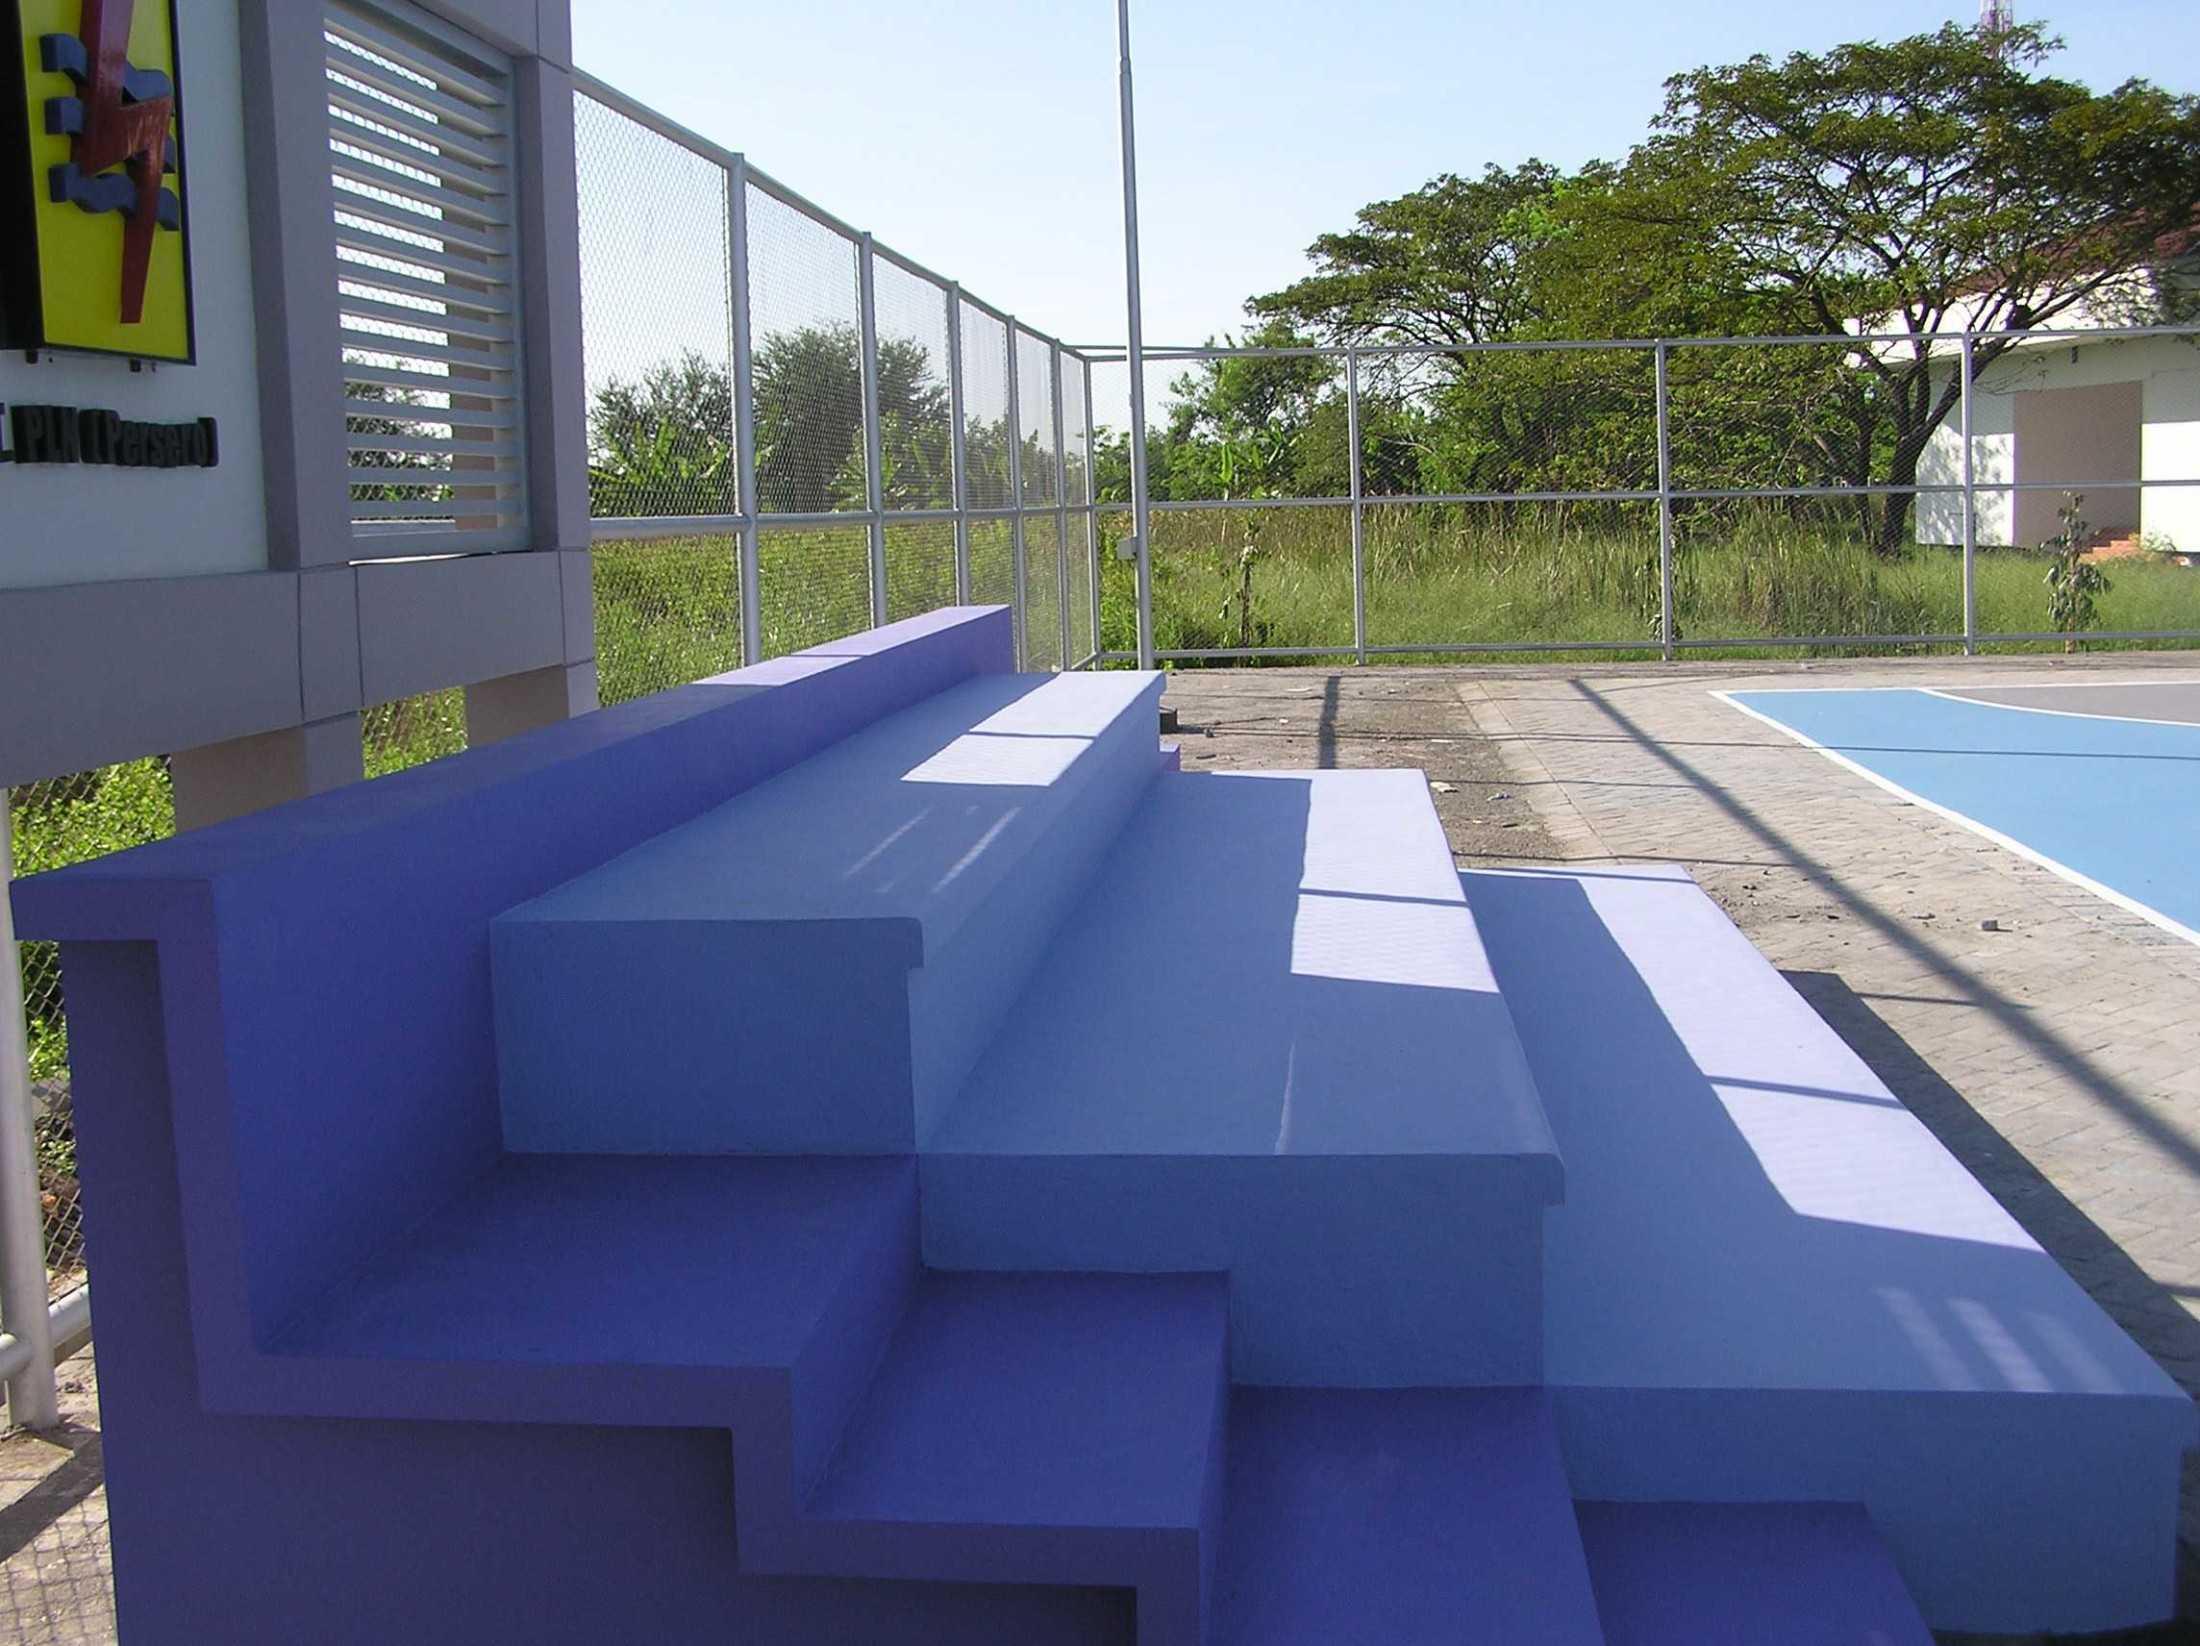 Ega Cipta Pratama Lapangan Futsal Its Kota Sby, Jawa Timur, Indonesia Kota Sby, Jawa Timur, Indonesia Ega-Cipta-Pratama-Lapangan-Futsal-Its  55440